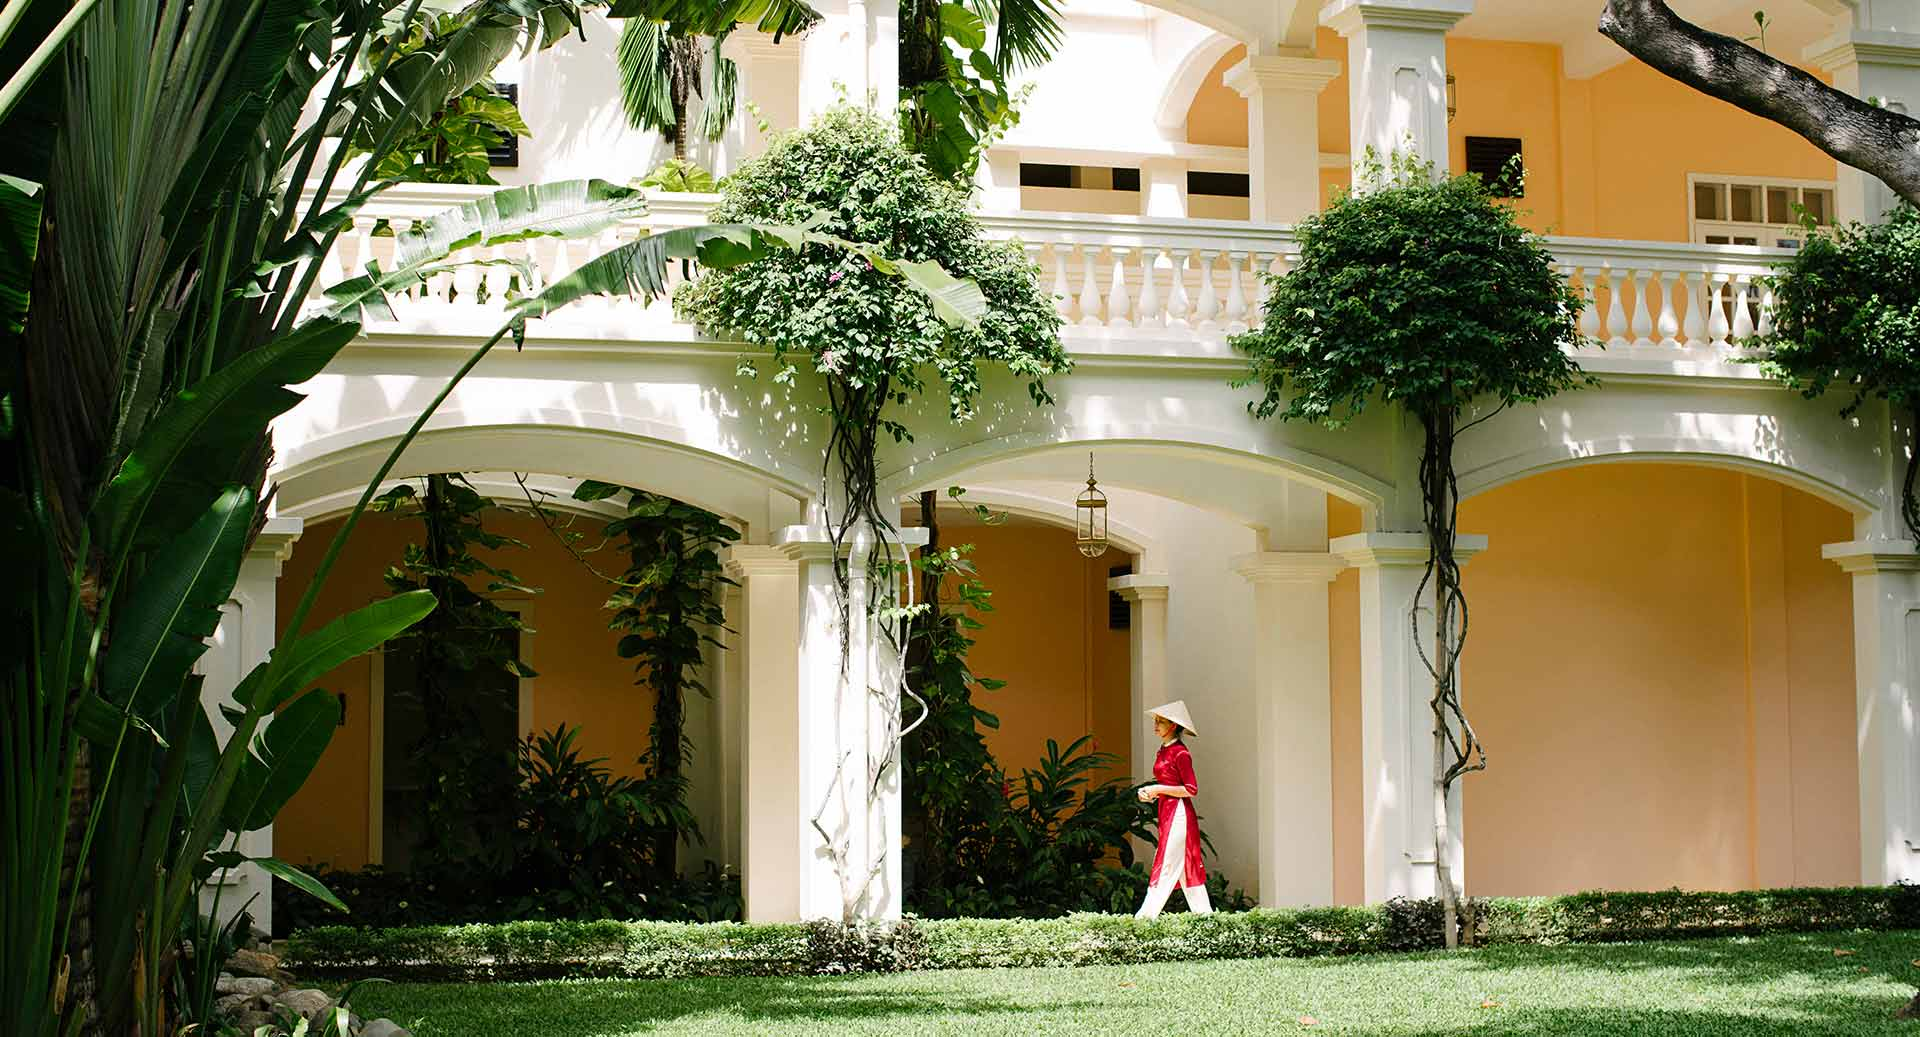 anantara_hoi_an_resort_resor_exterior_19